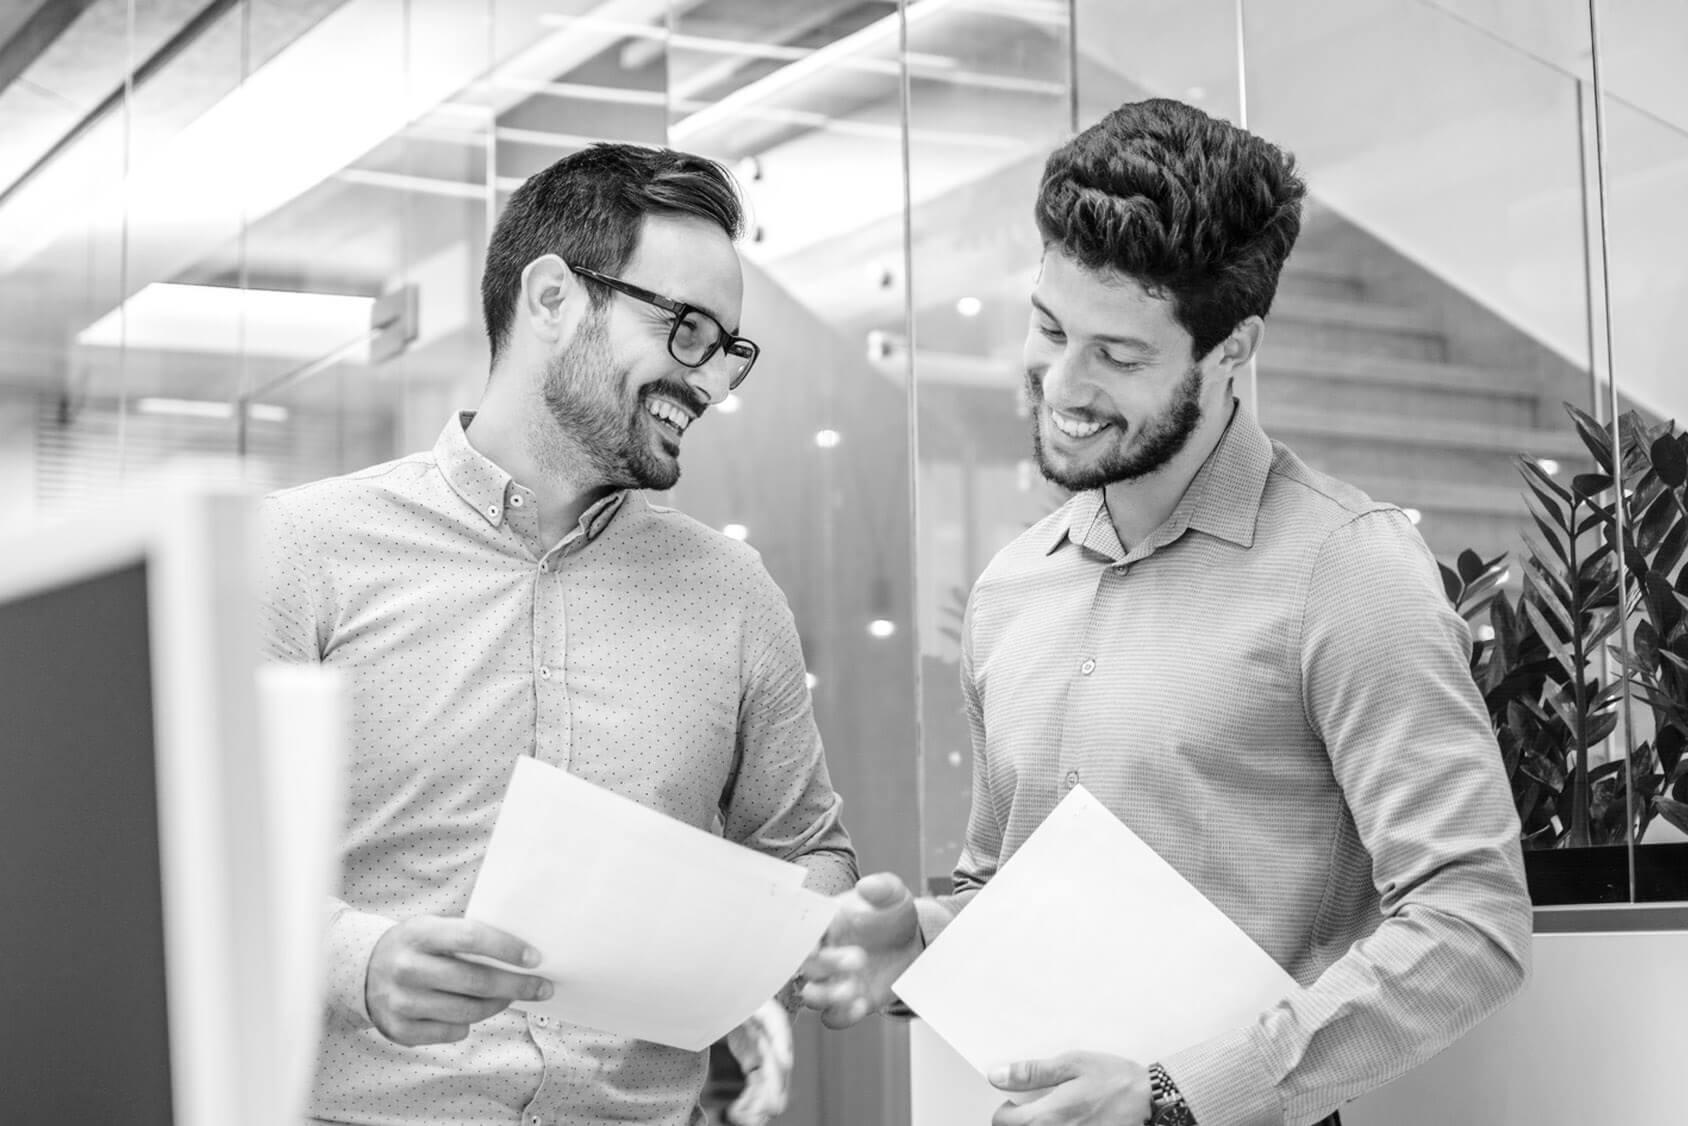 zwei Männer besprechen zufrieden ein Potenzialdaten-Angebot